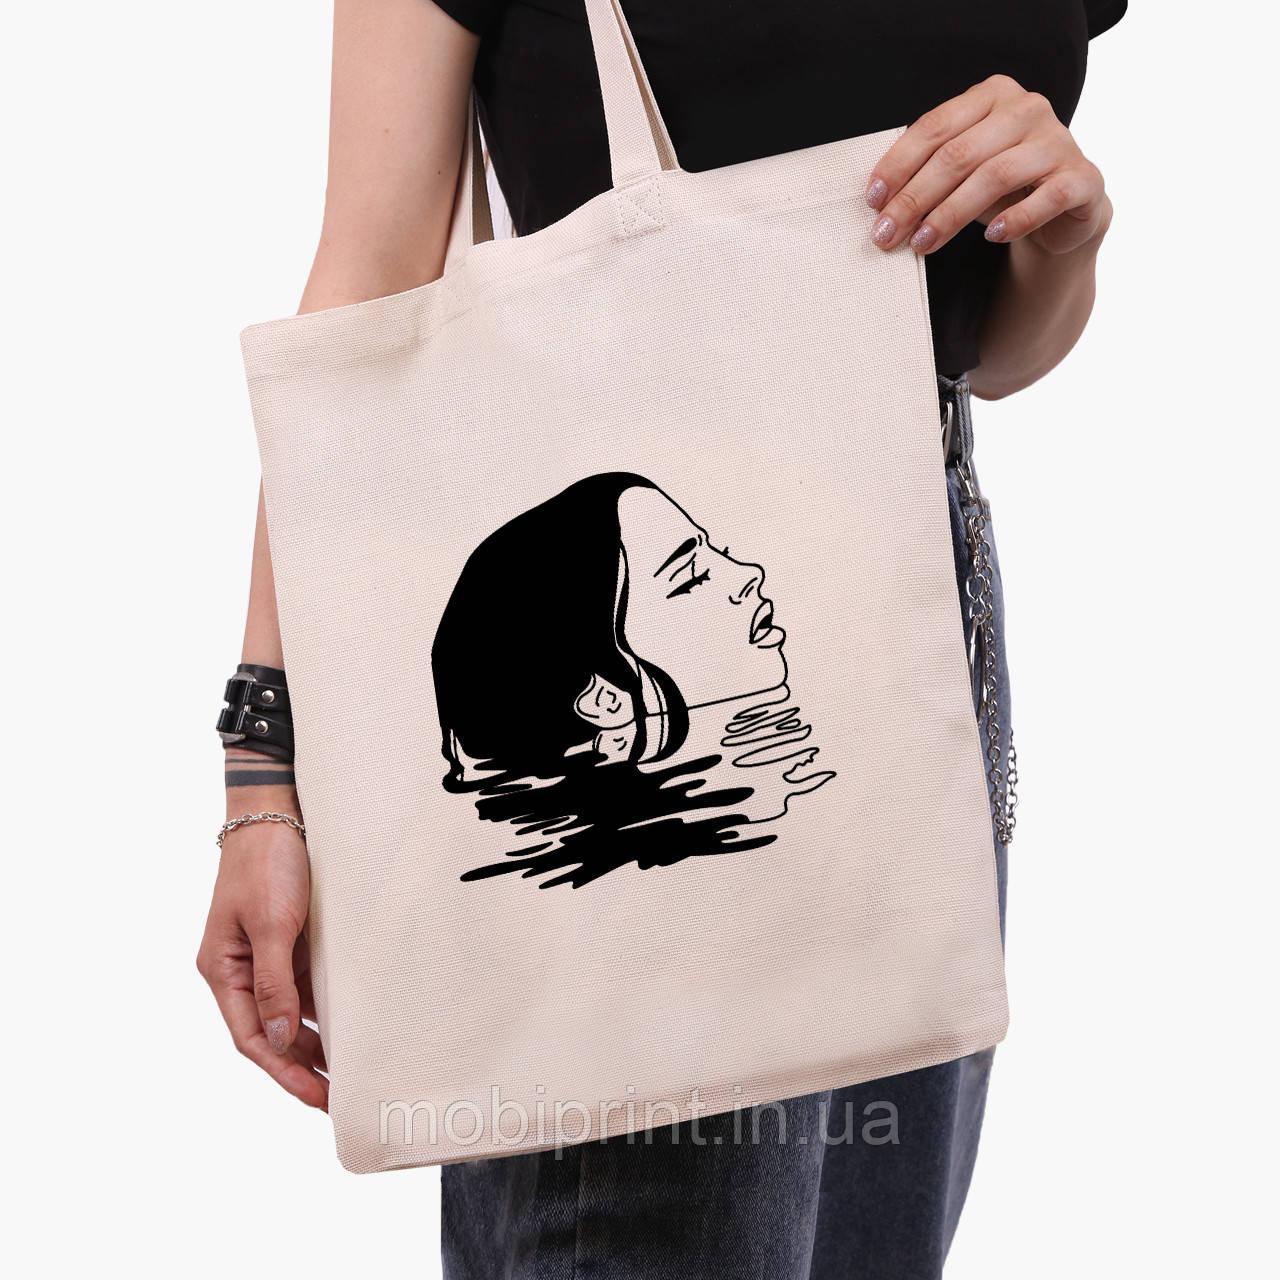 Еко сумка шоппер Контурний мінімалізм (Contour minimalism) (9227-1362) экосумка шопер 41*35 см